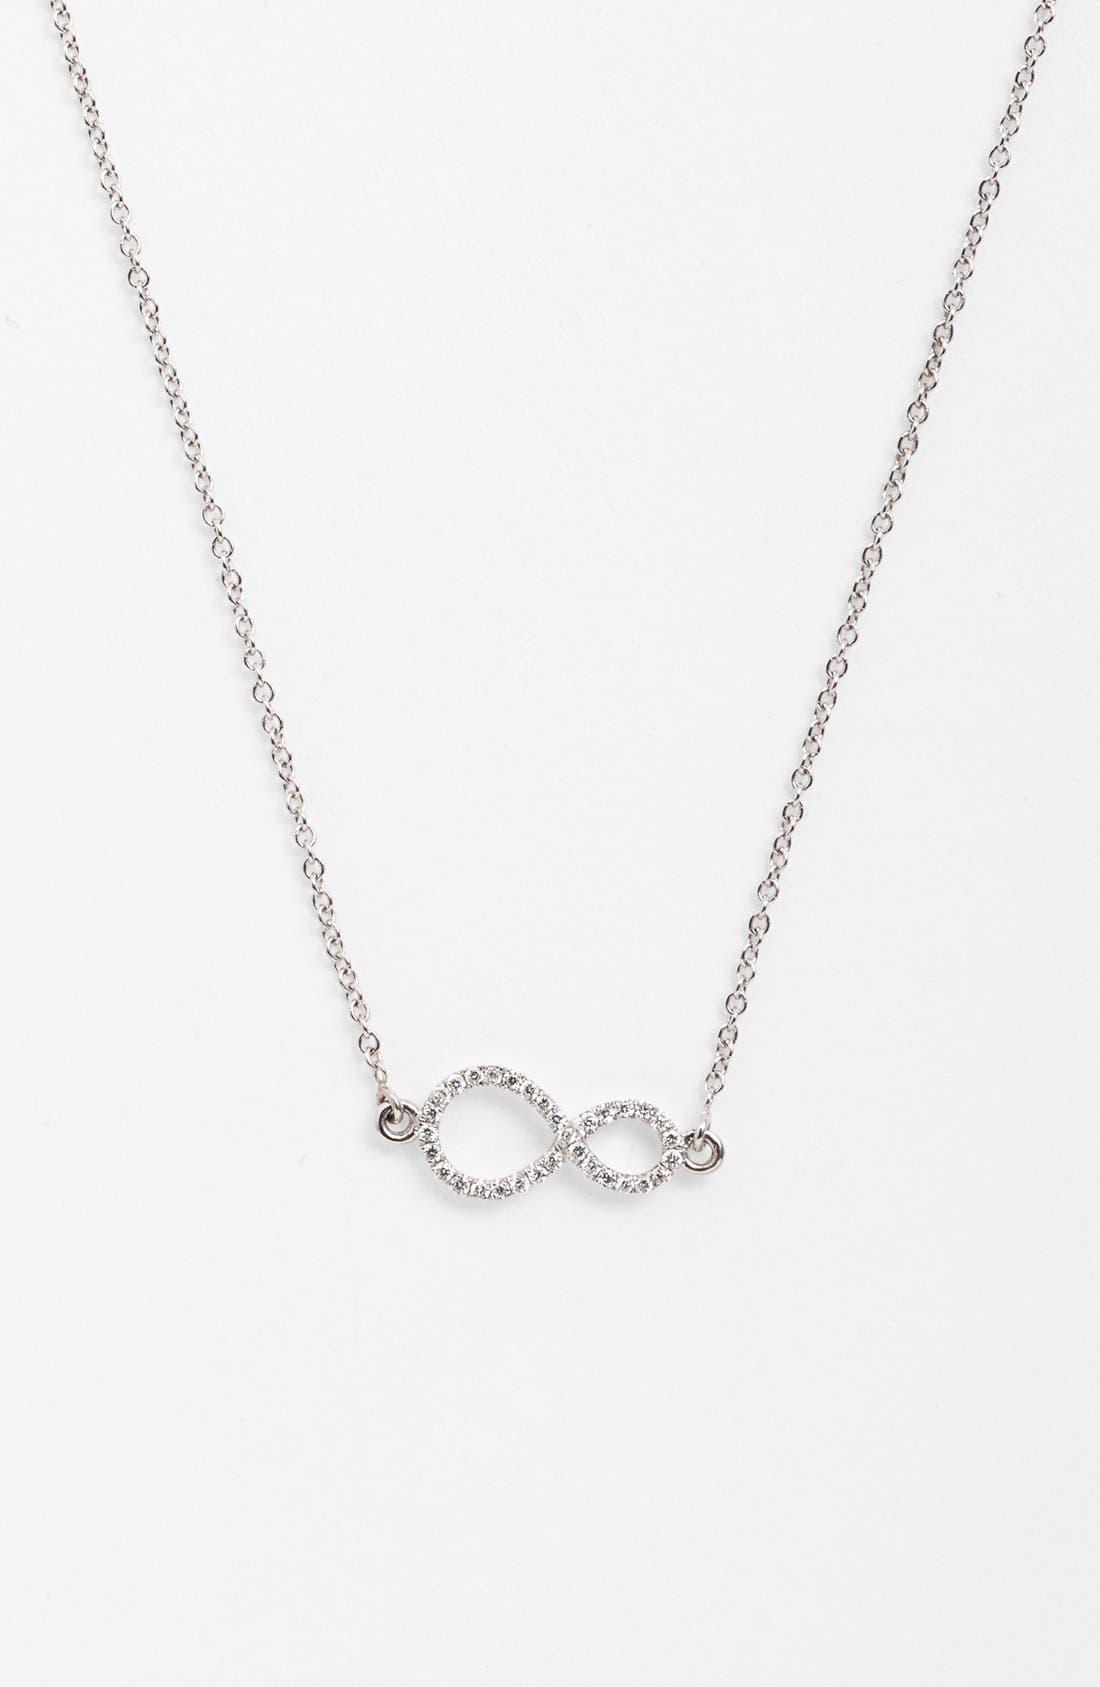 Pavé Diamond Sideways Infinity Symbol Pendant Necklace,                             Main thumbnail 1, color,                             710